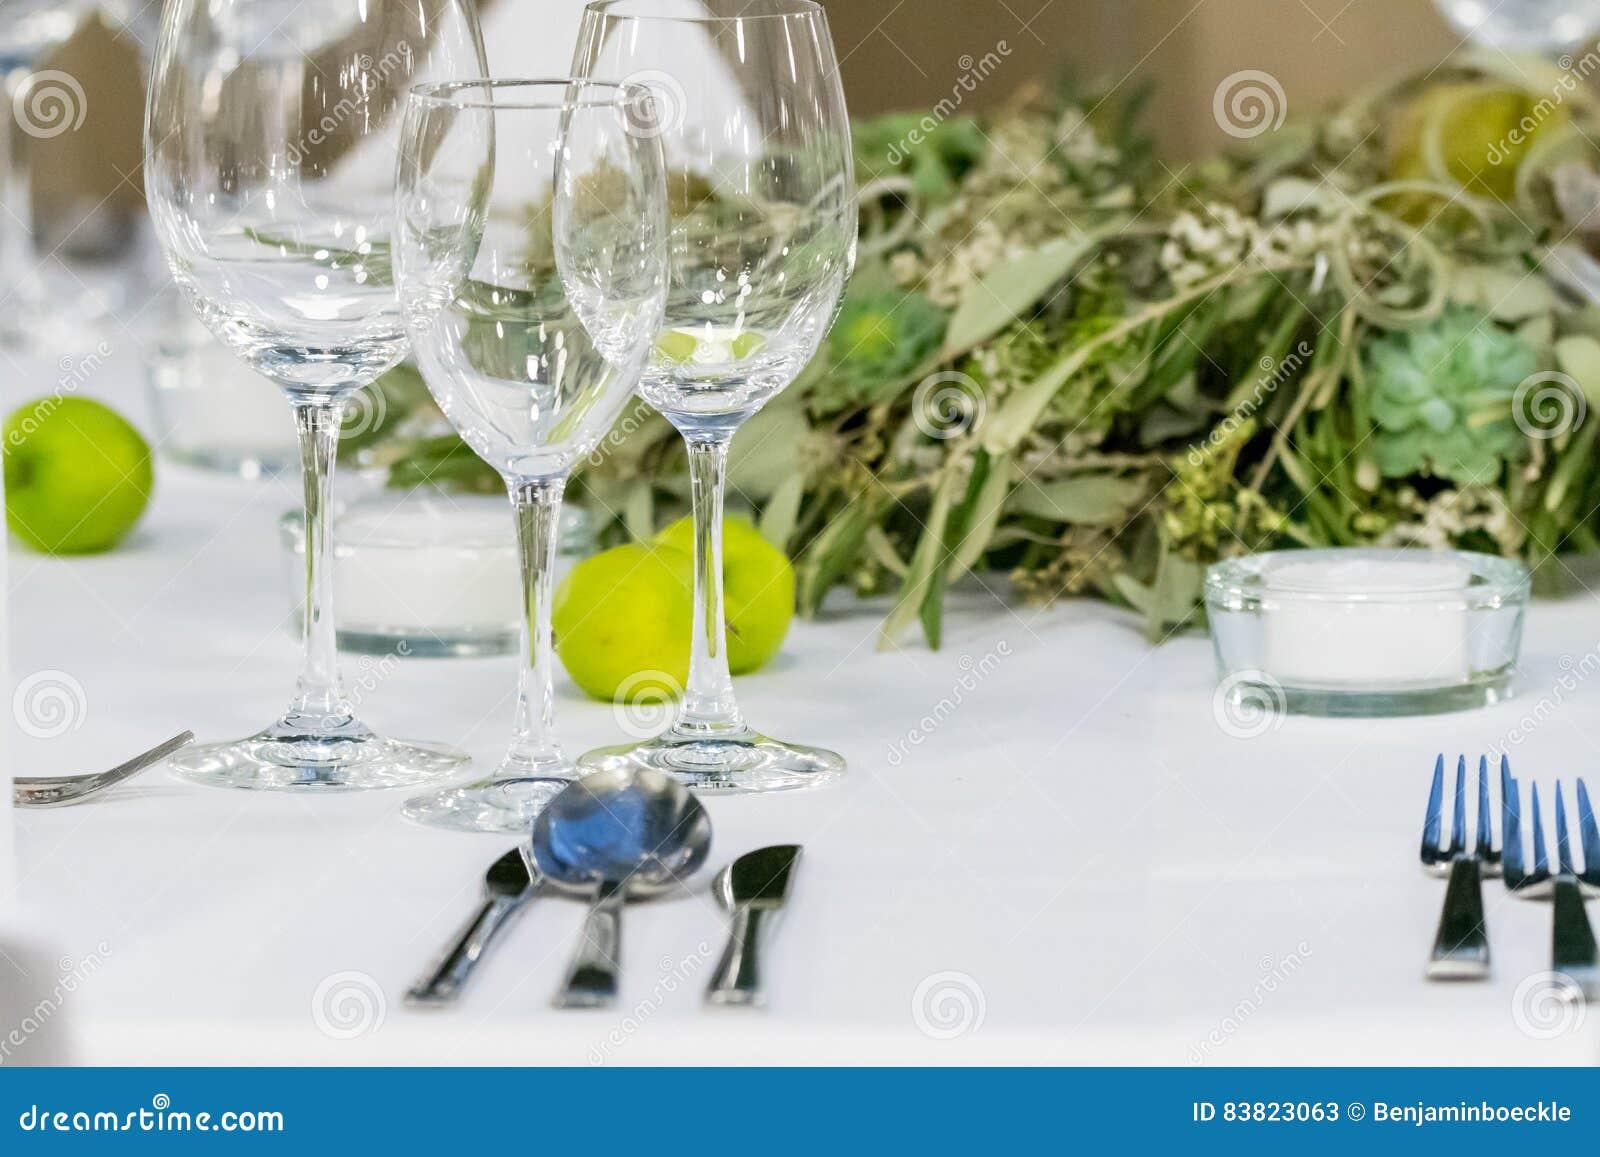 Disposition sur la table en vert avec des verres pour le - Disposition verres sur table ...